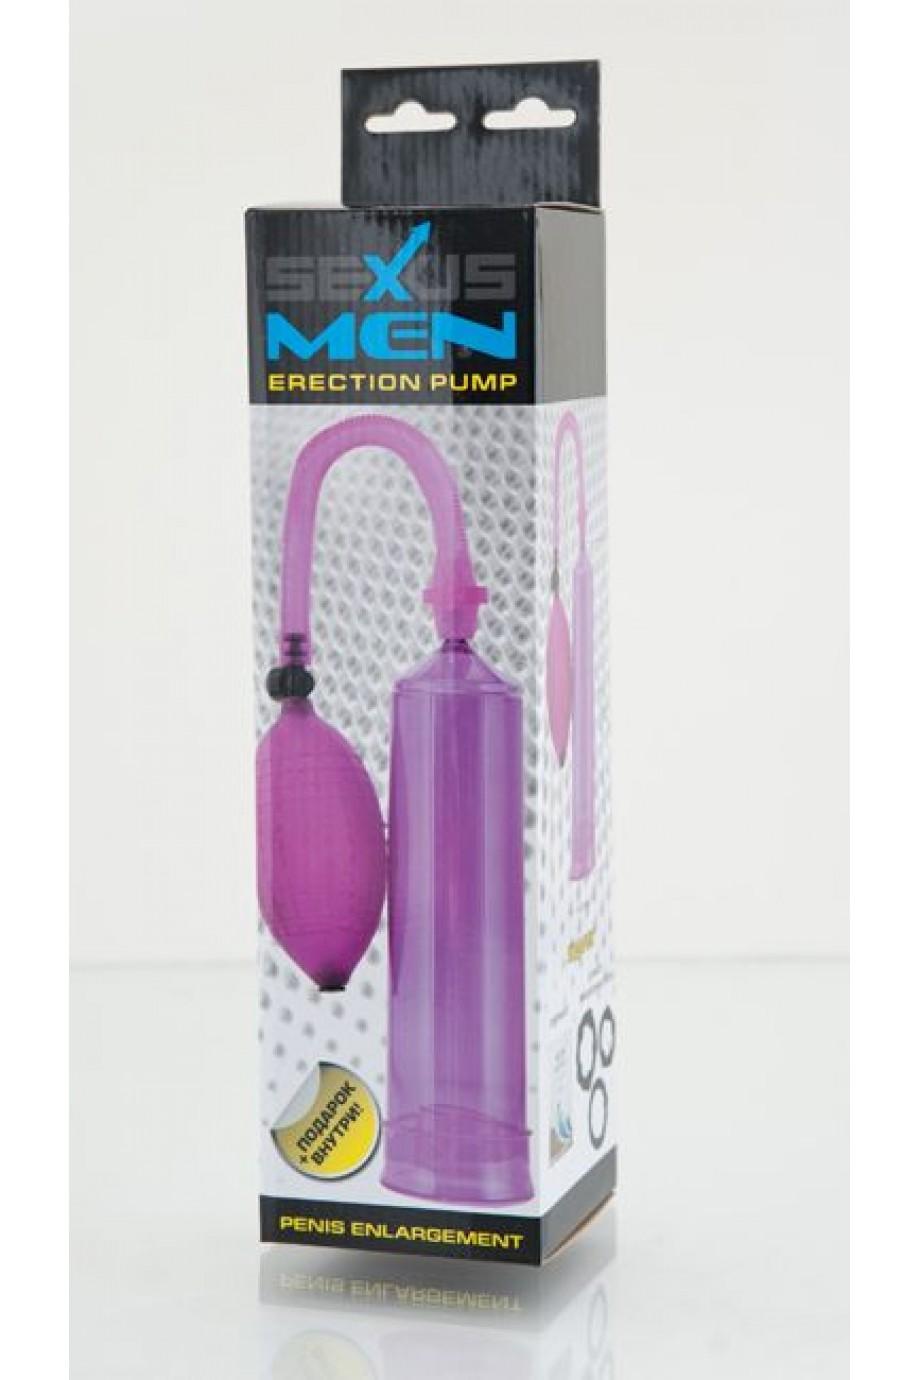 Вакуумная помпа Sexus Men, вакуумнаяб механическая, ABS пластик, фиолетовый, 23 см